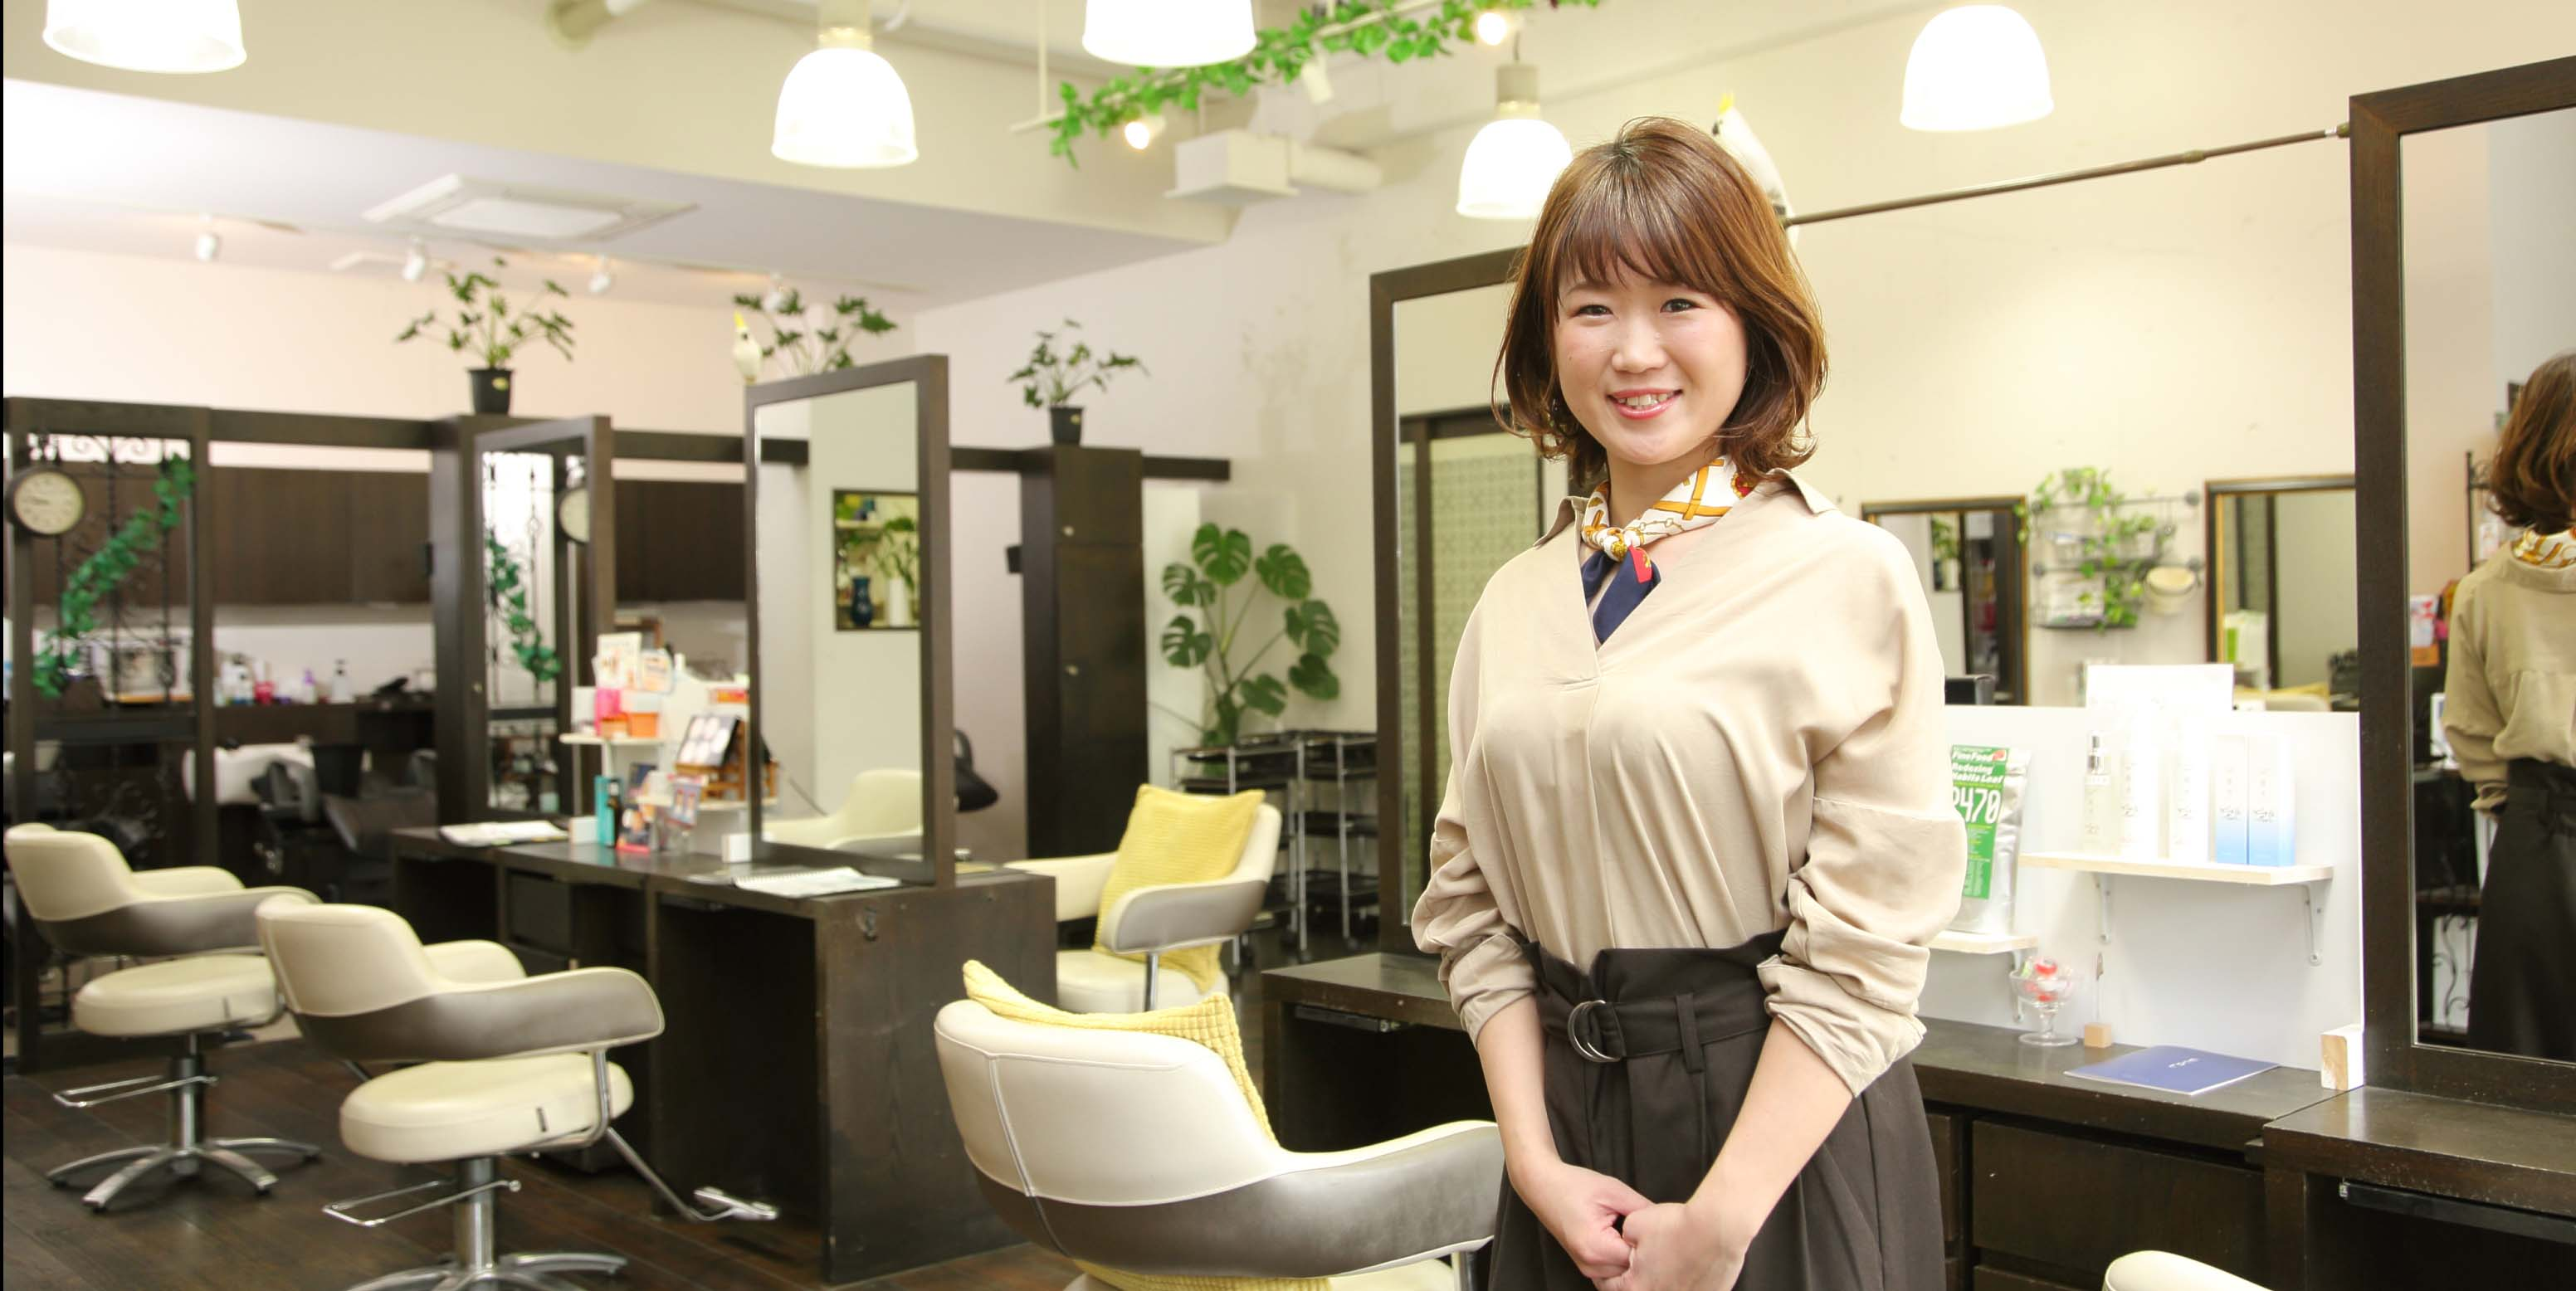 アシスタントで妊娠して出産退職。<br>ママで美容師デビューを叶えるまでの道のりとは?